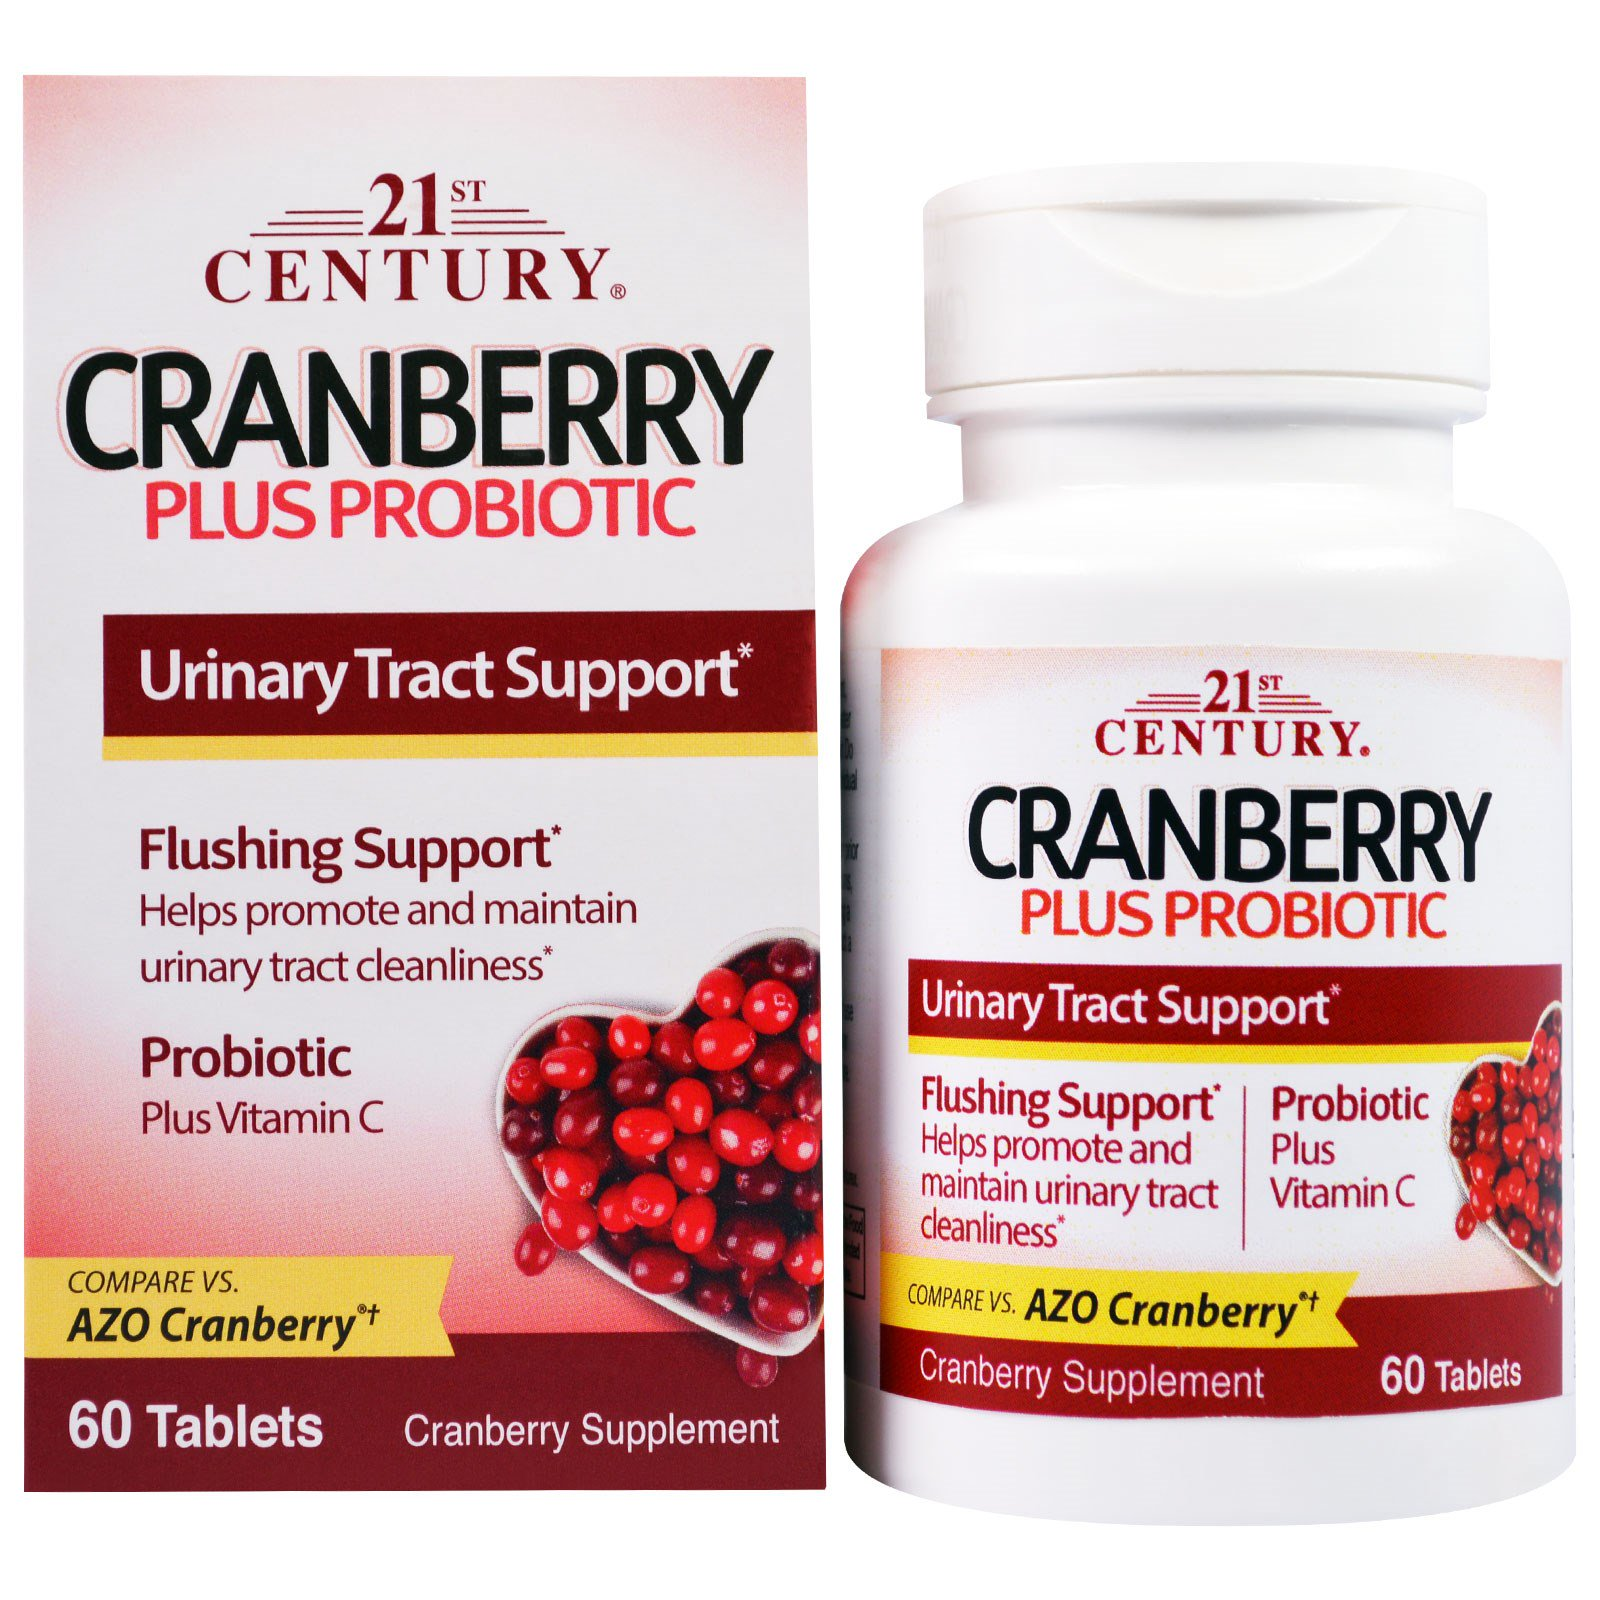 21st century, cranberry plus probiotic, 60 tablets - iherb